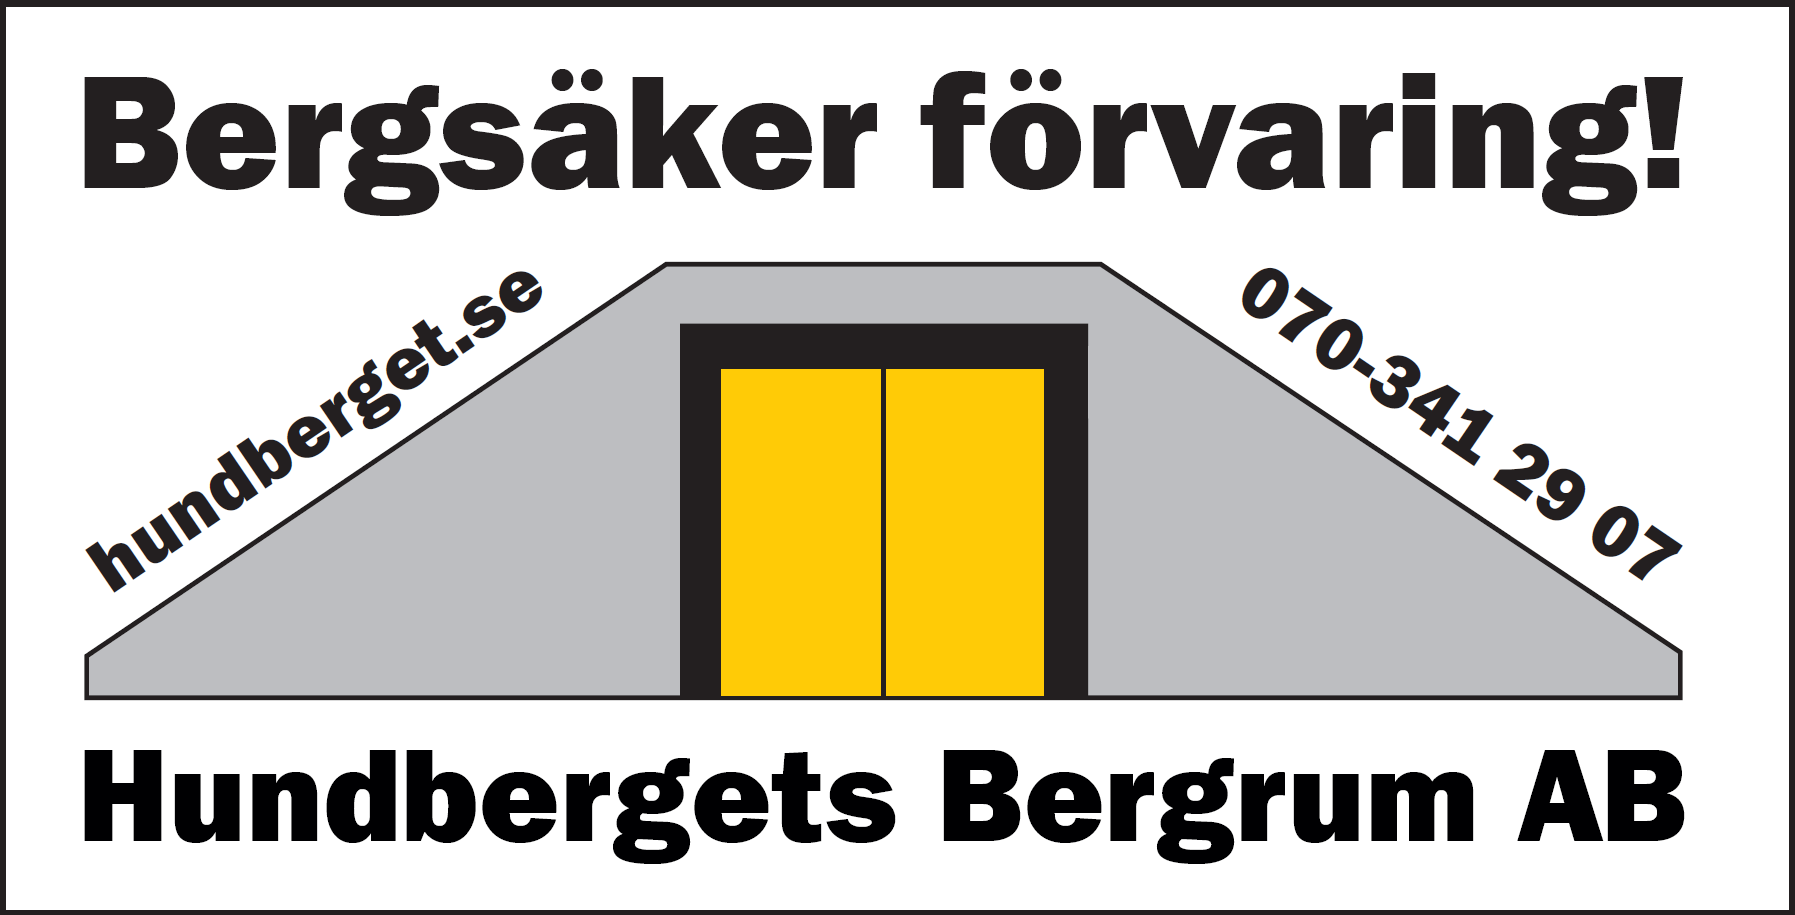 Hundbergets Bergrum AB